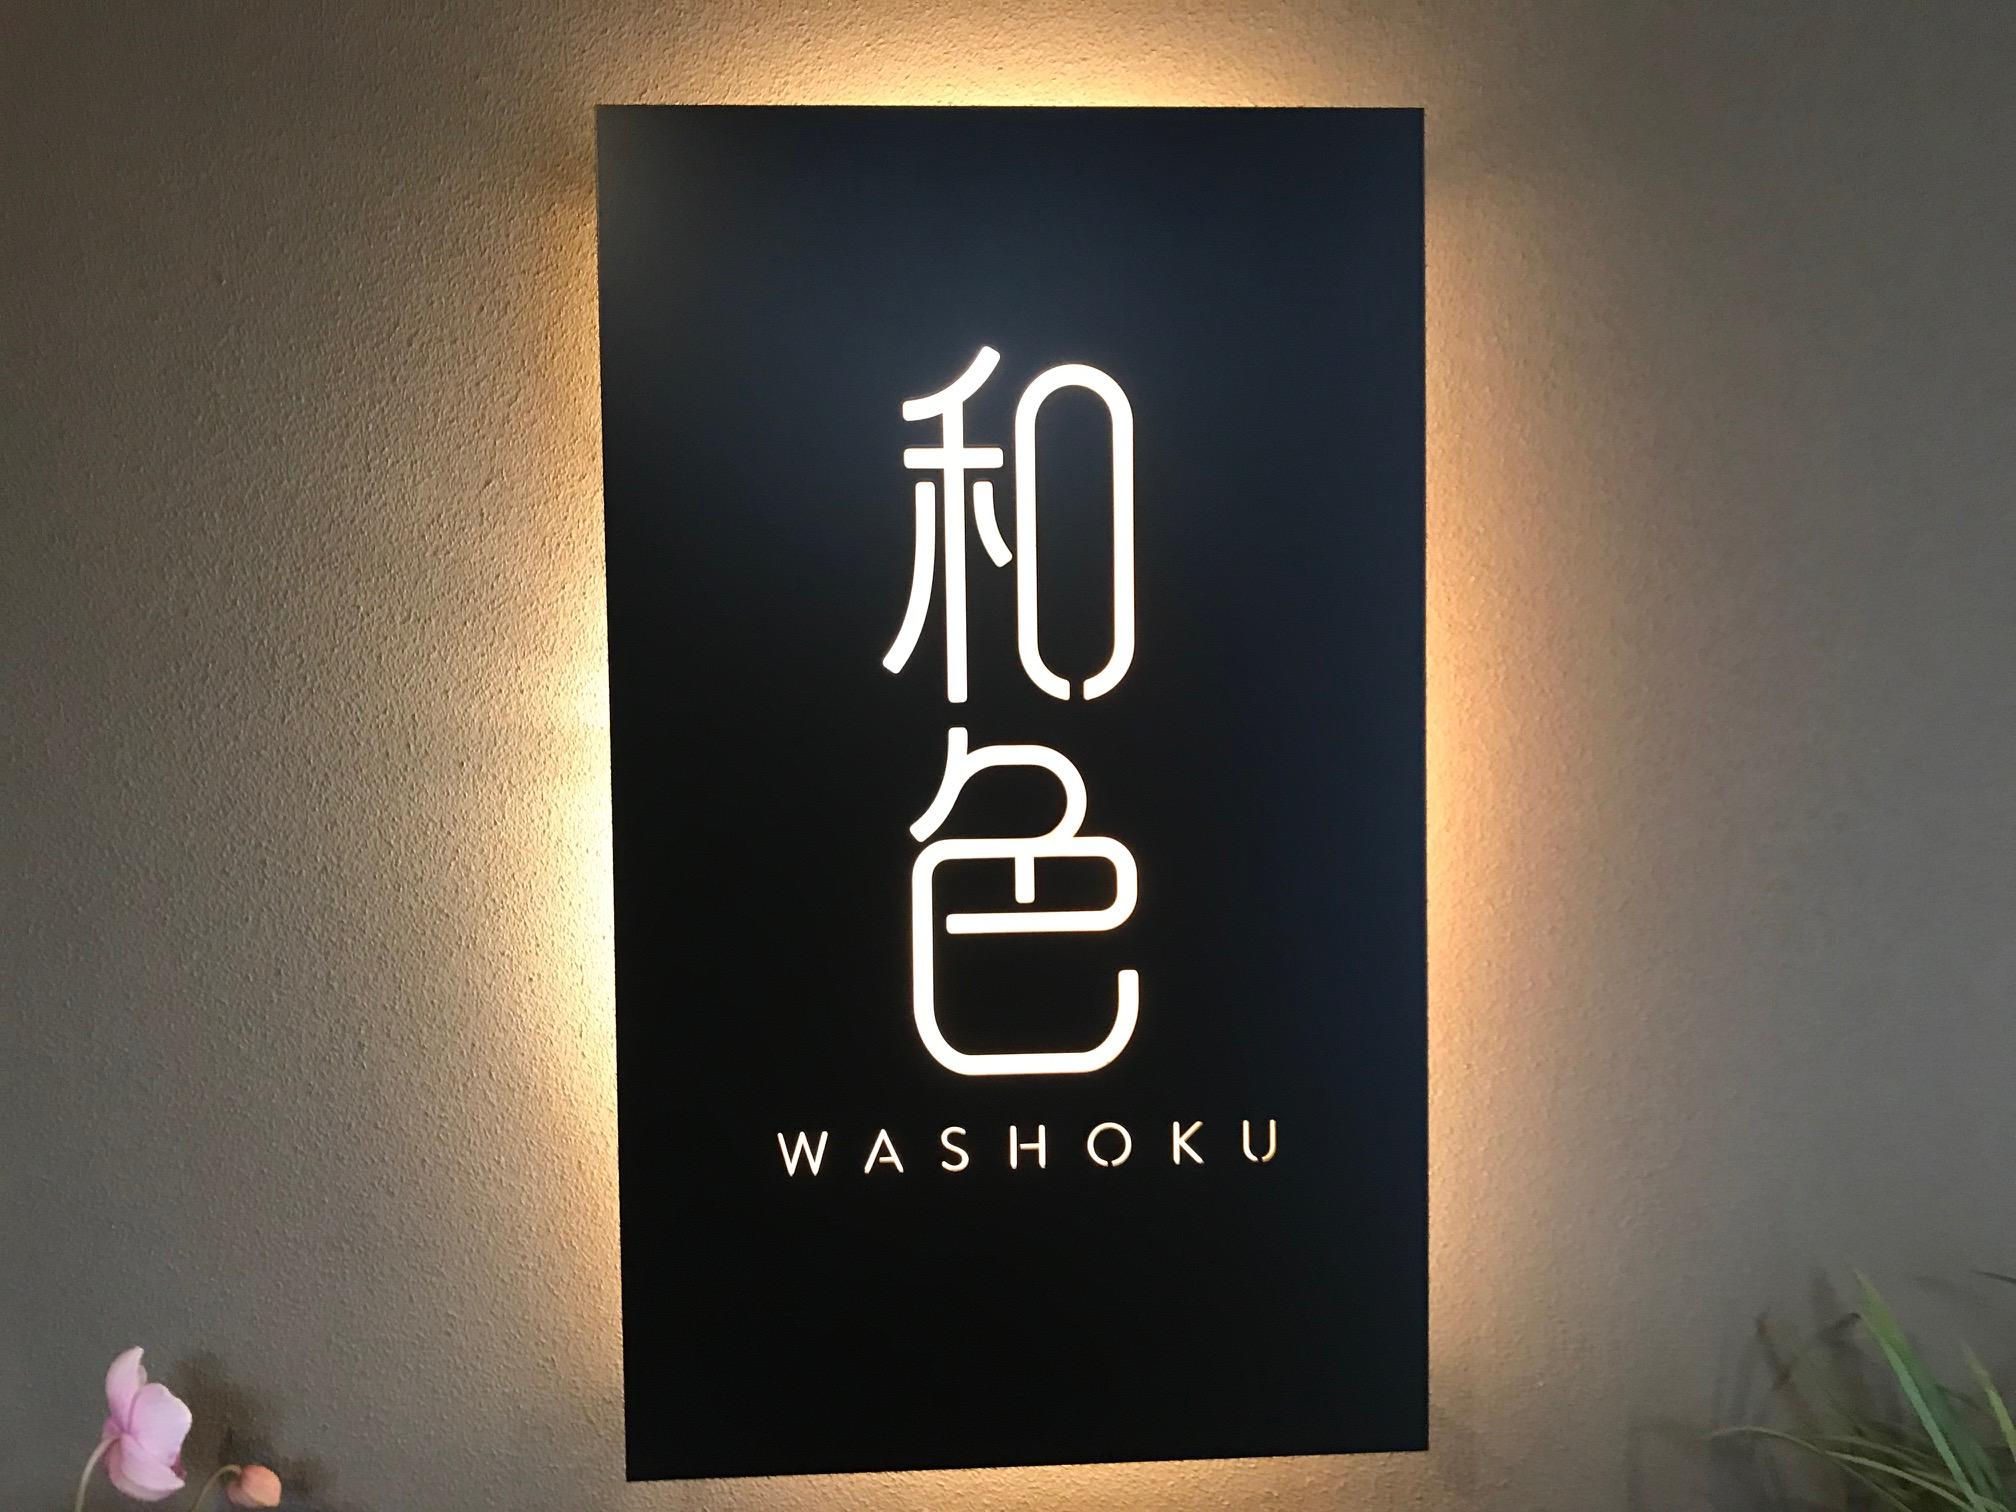 浅草でオリジナル手まり寿司を作ろう! 『体験Dining 和色 -WASHOKU-』で2020年最初の女子会してみない?_1